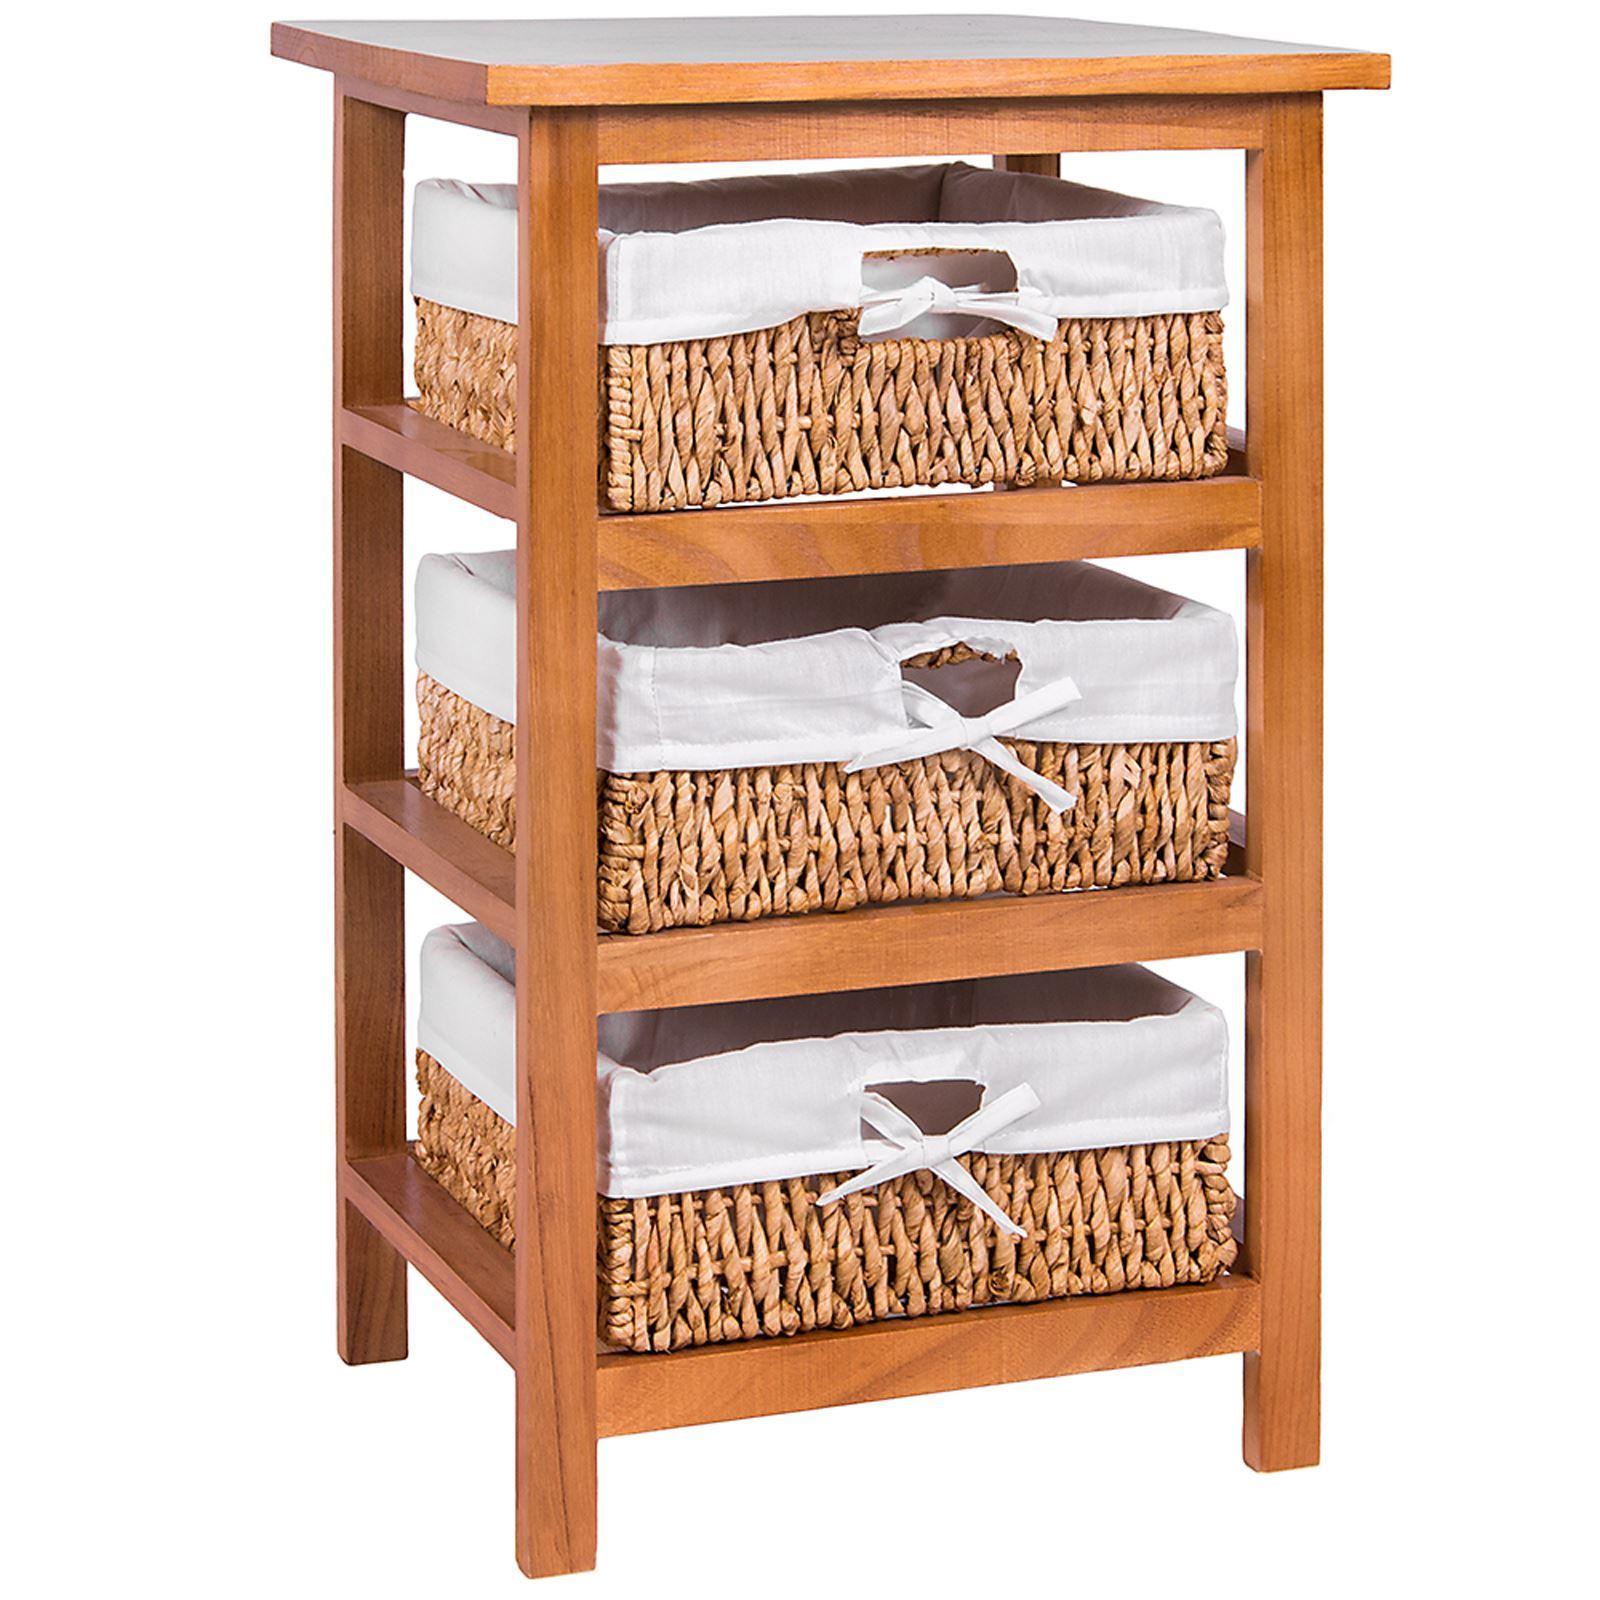 panier tiroir en bois meuble de rangement tour poitrine meuble en bois deux trois quatre tissu. Black Bedroom Furniture Sets. Home Design Ideas